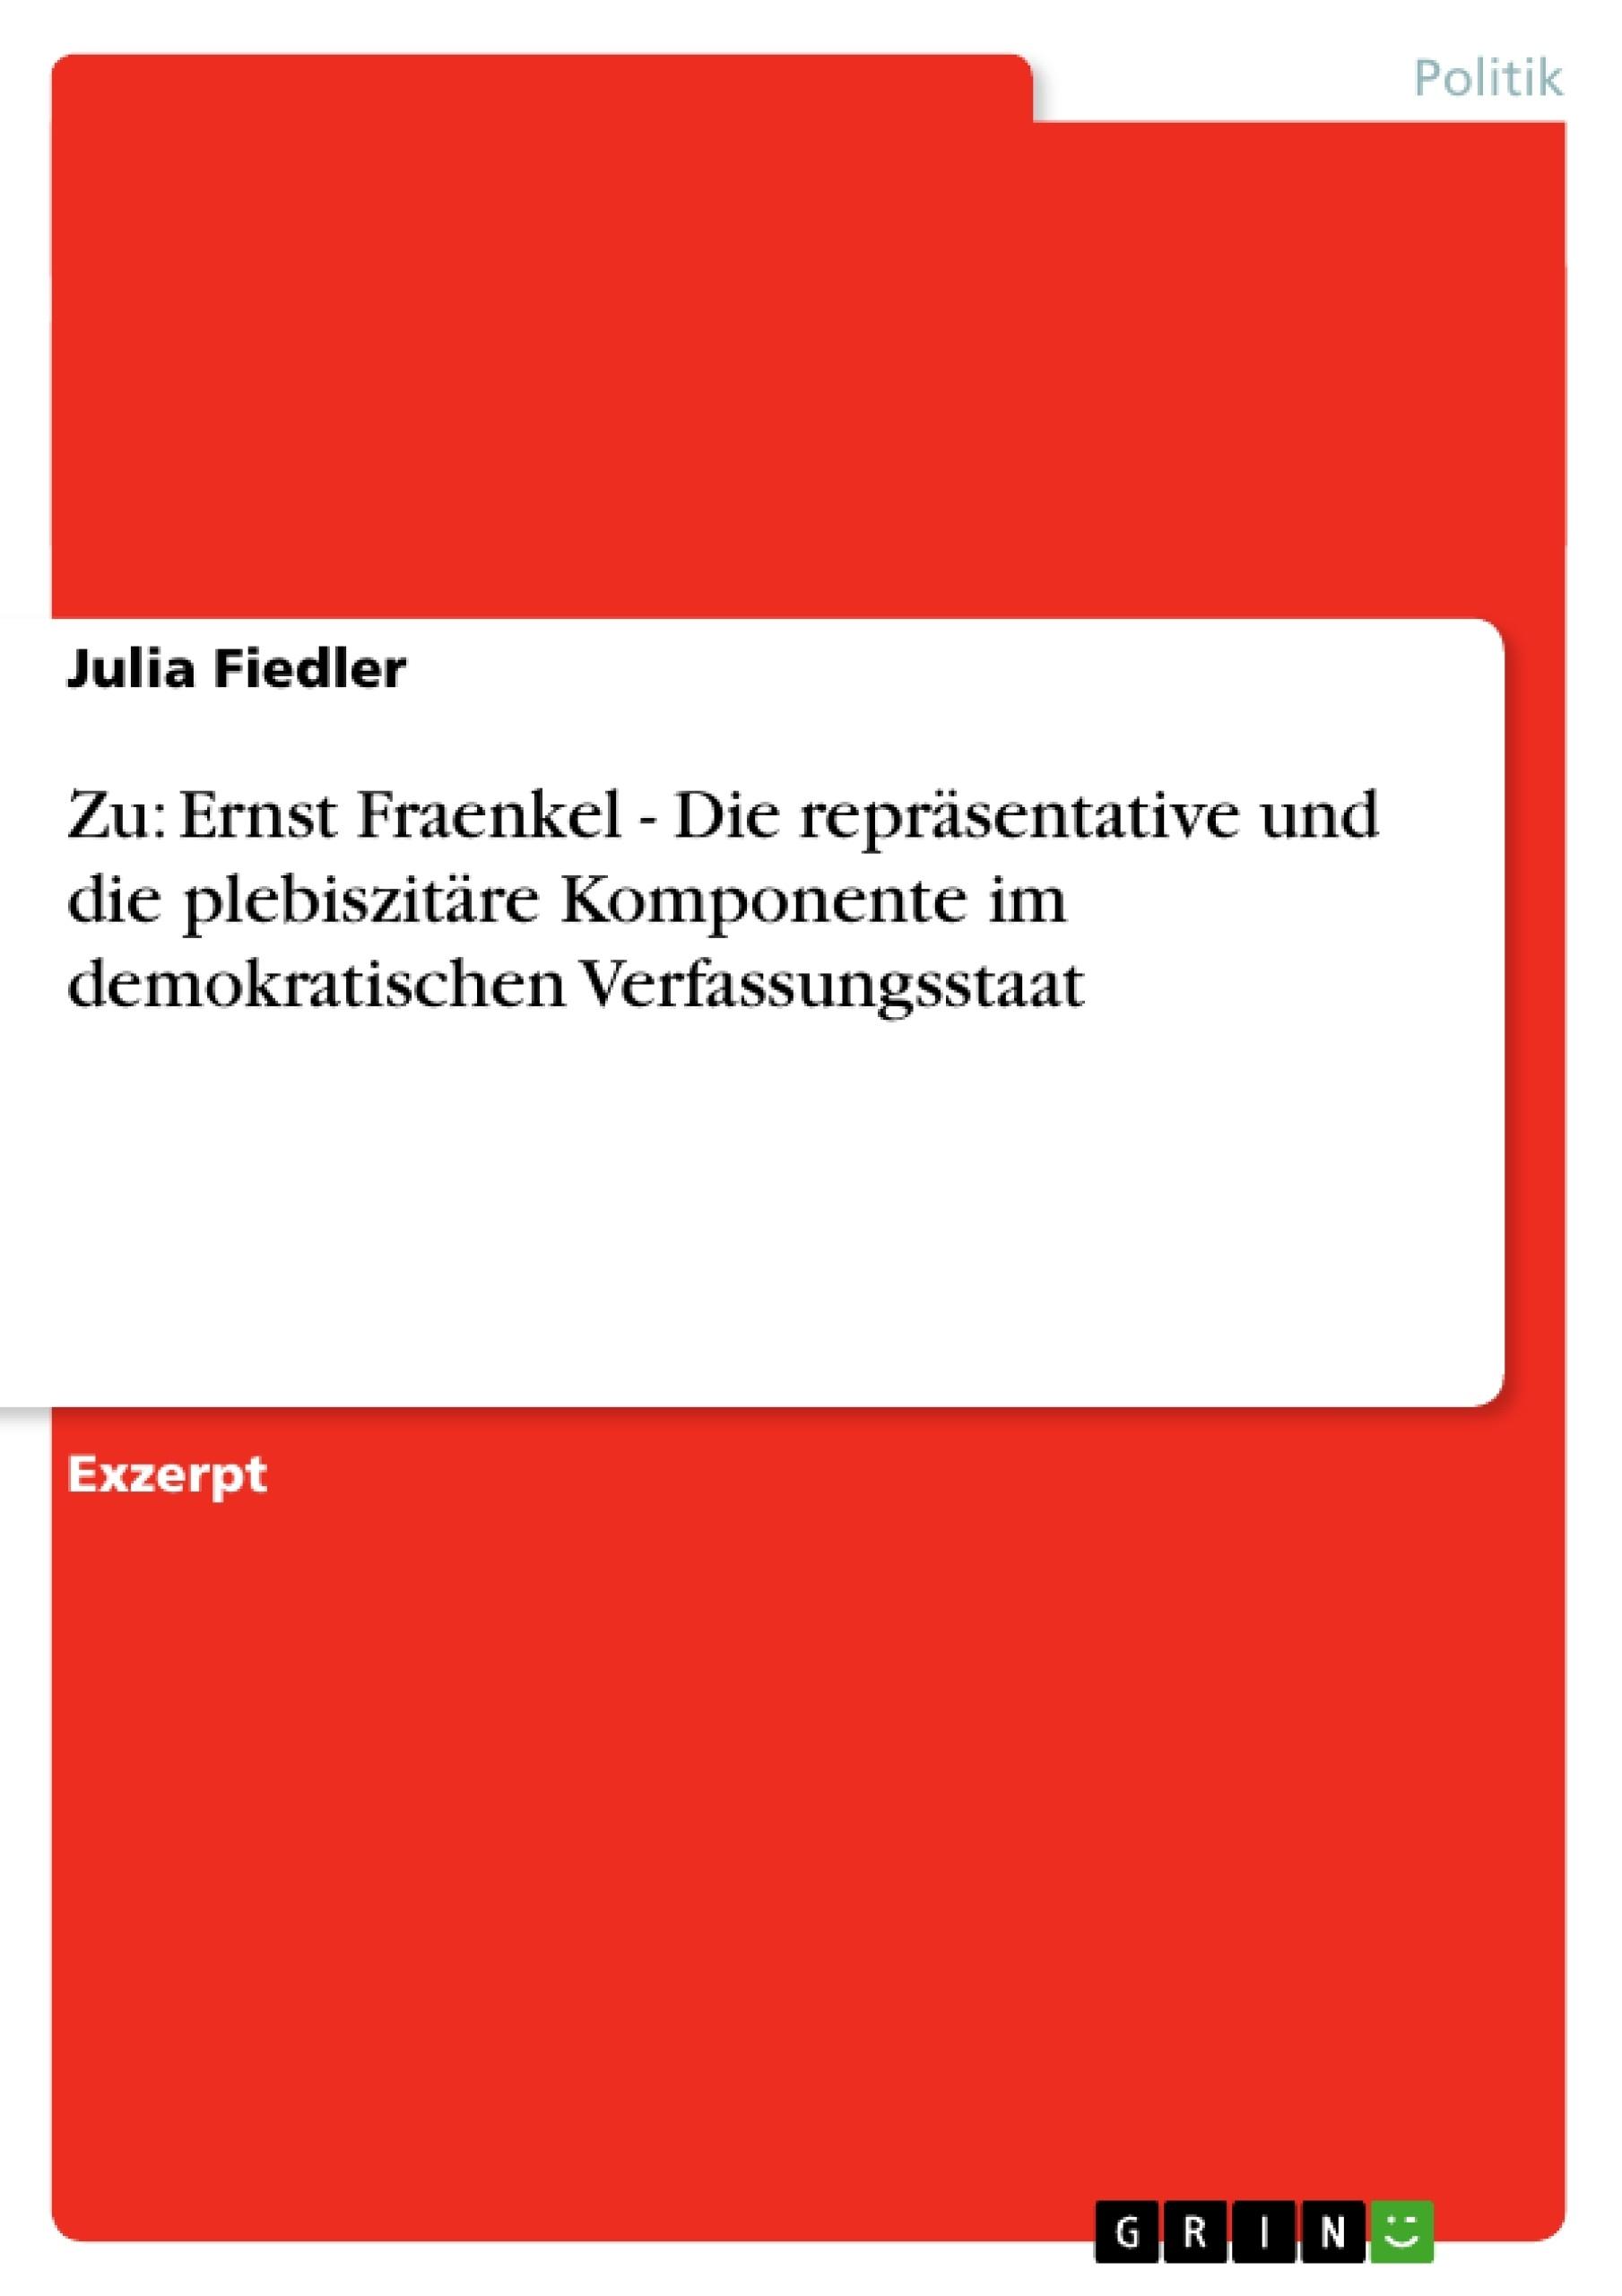 Titel: Zu: Ernst Fraenkel - Die repräsentative und die plebiszitäre Komponente im demokratischen Verfassungsstaat